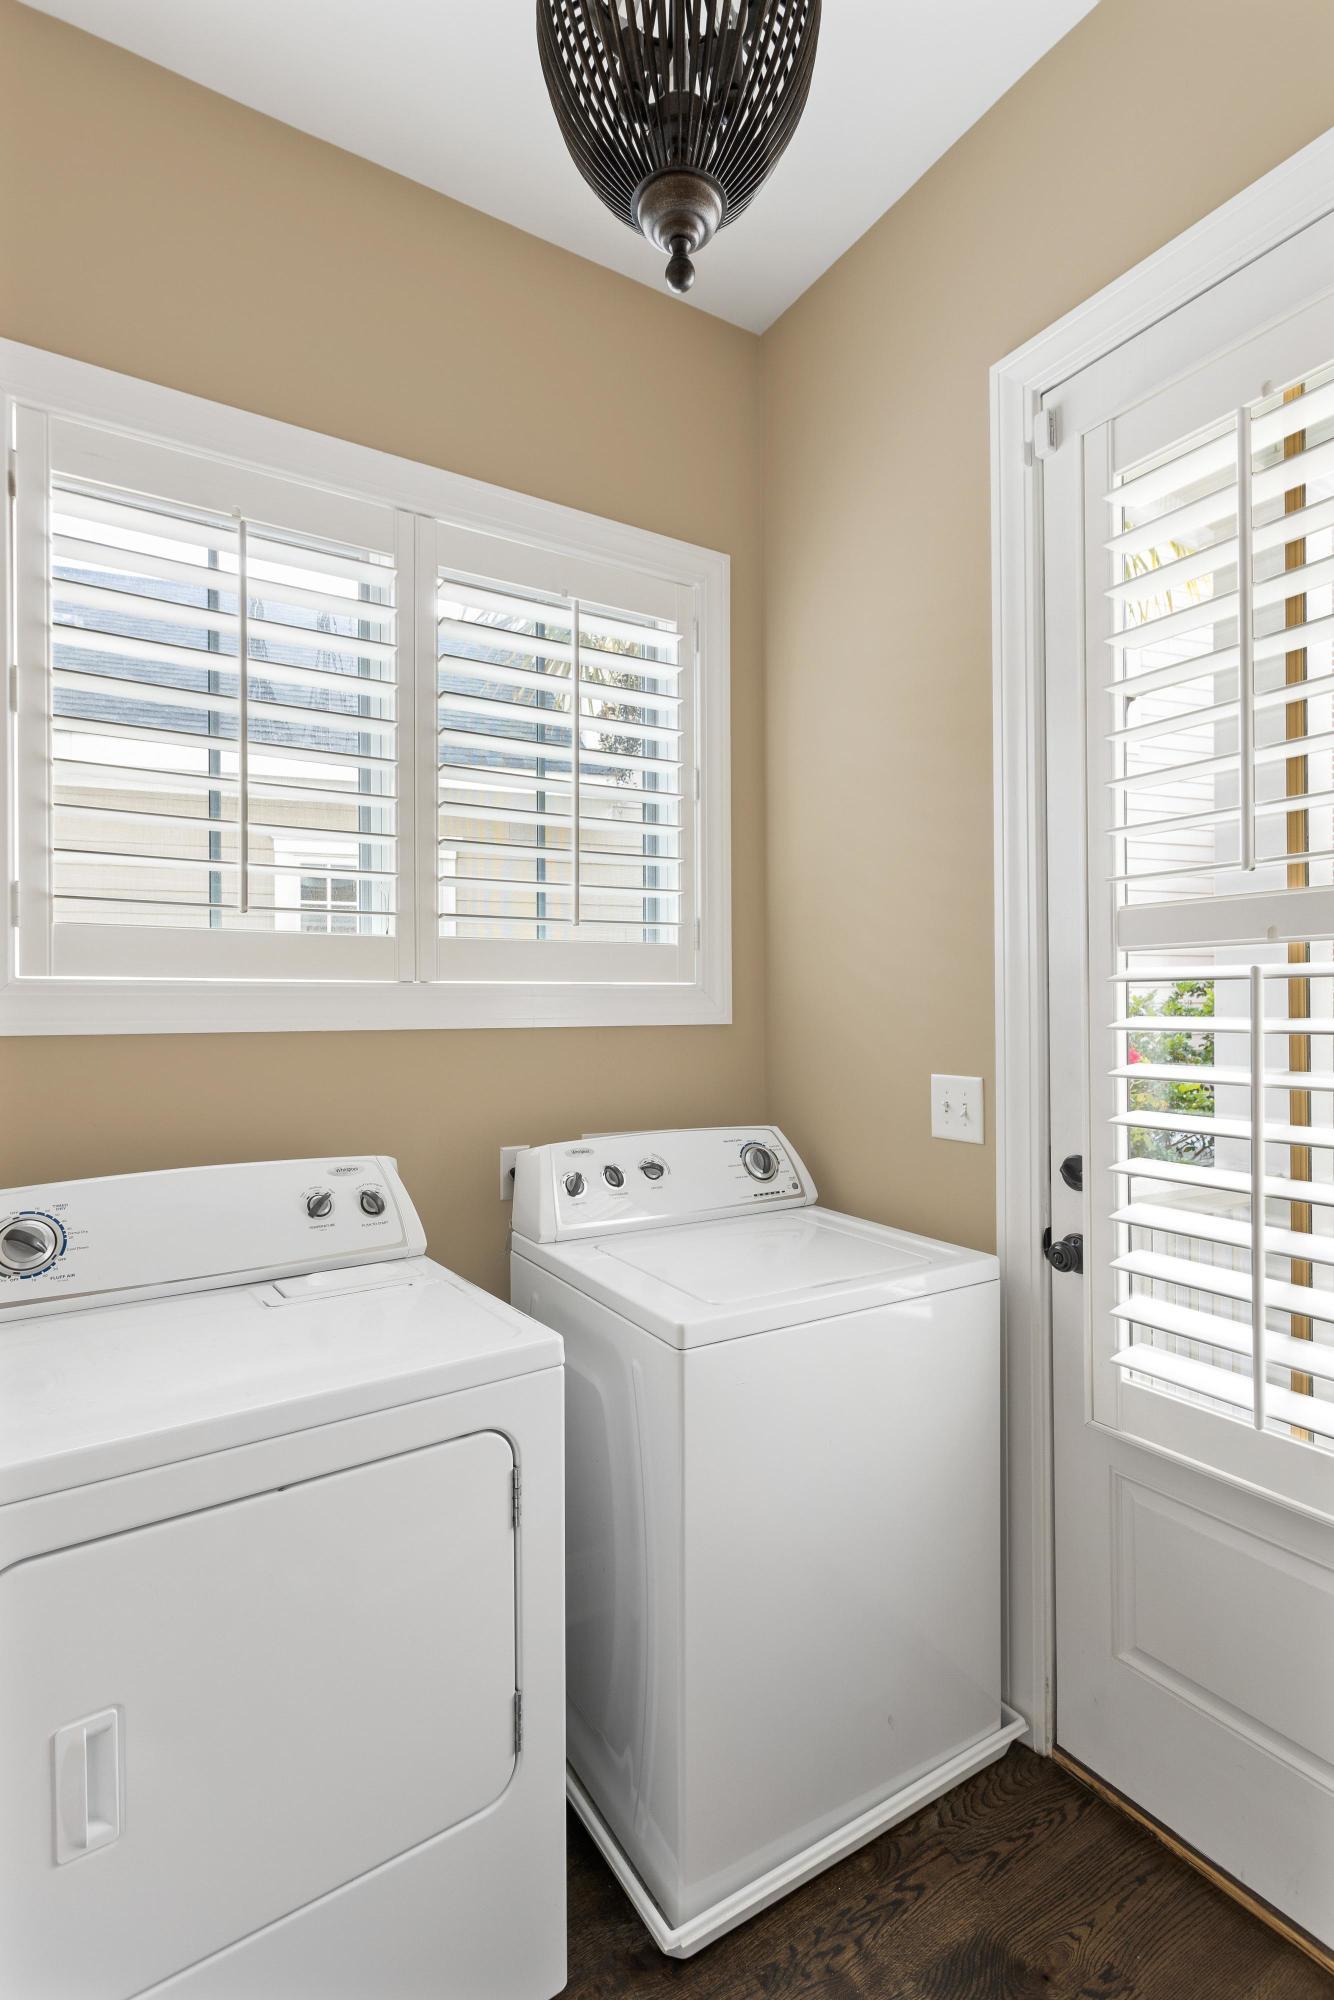 Phillips Park Homes For Sale - 1121 Phillips Park, Mount Pleasant, SC - 12